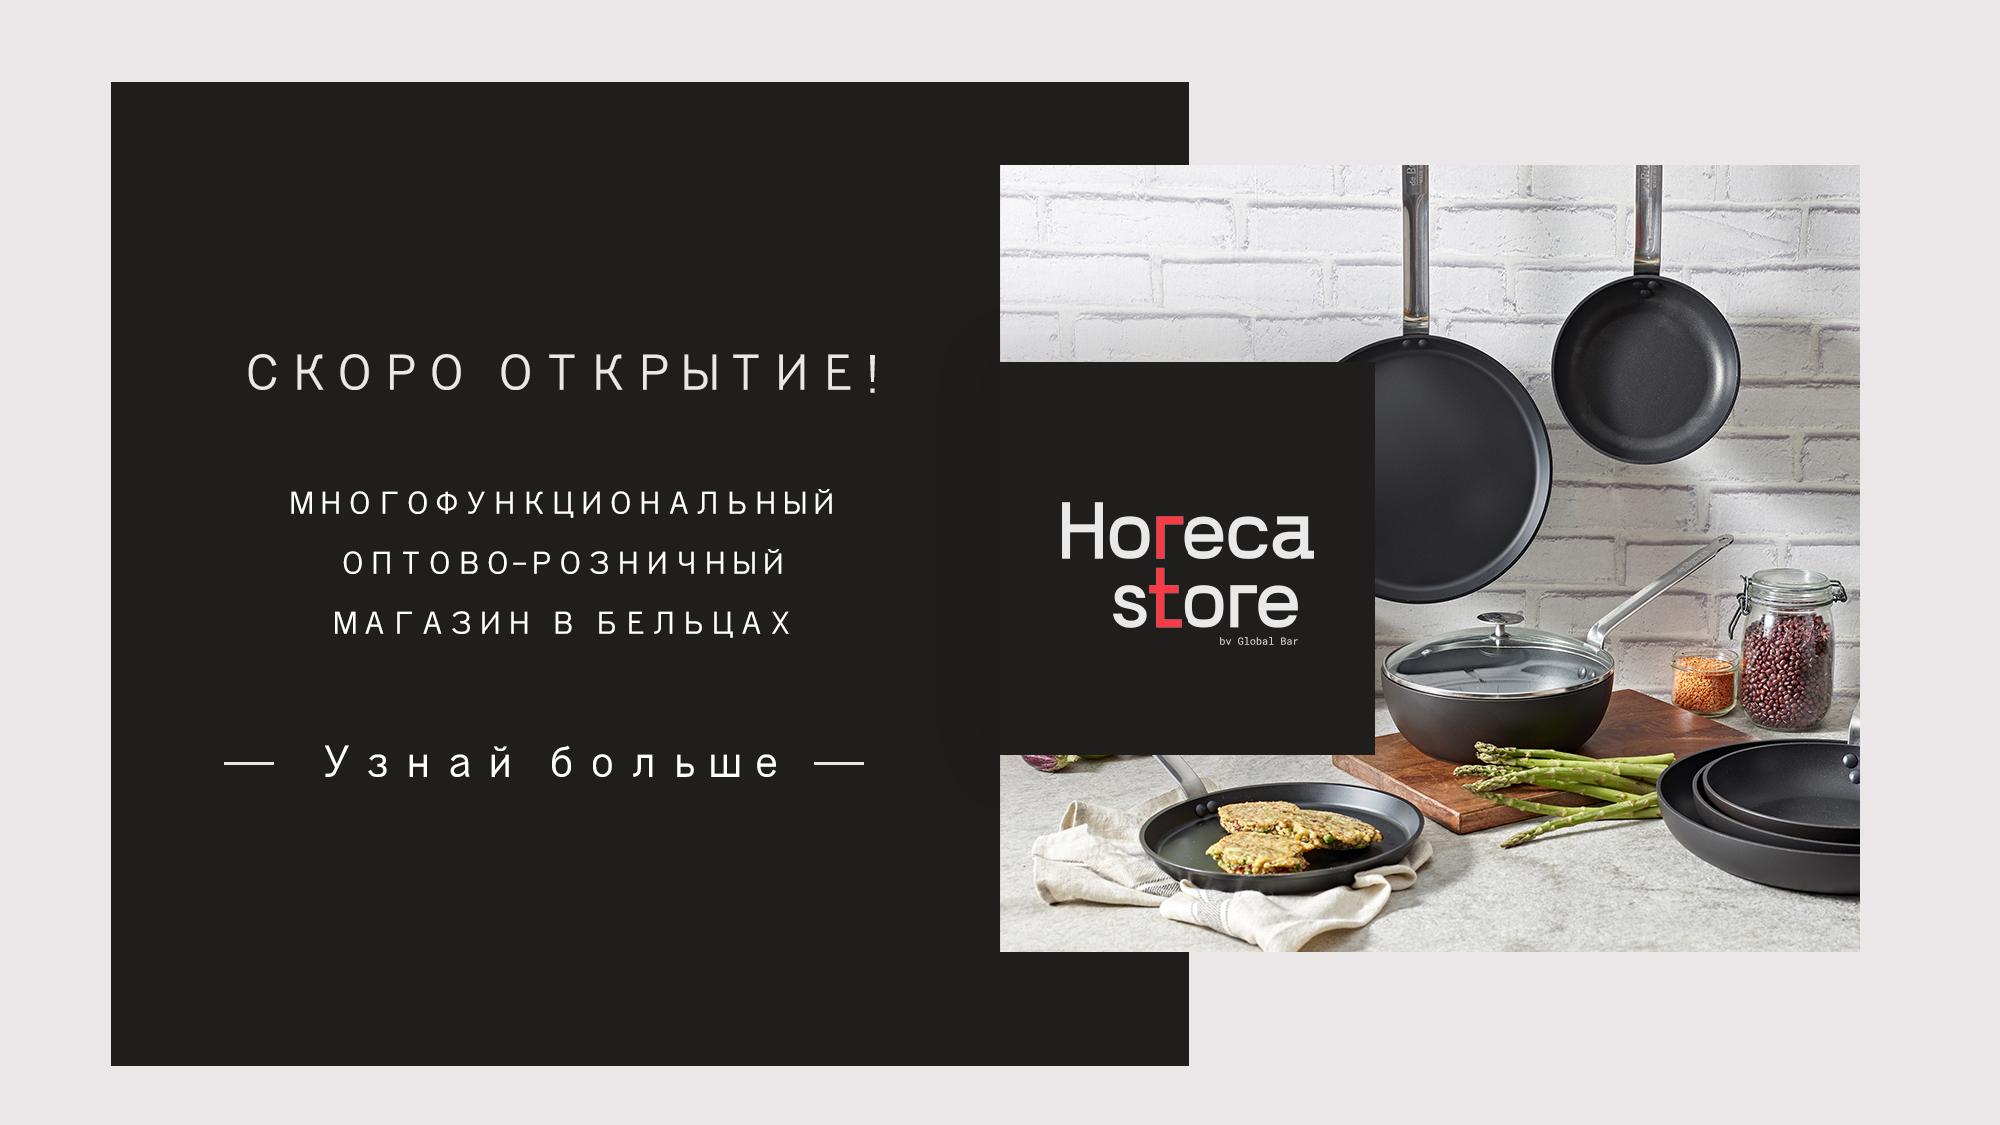 horeca-store2